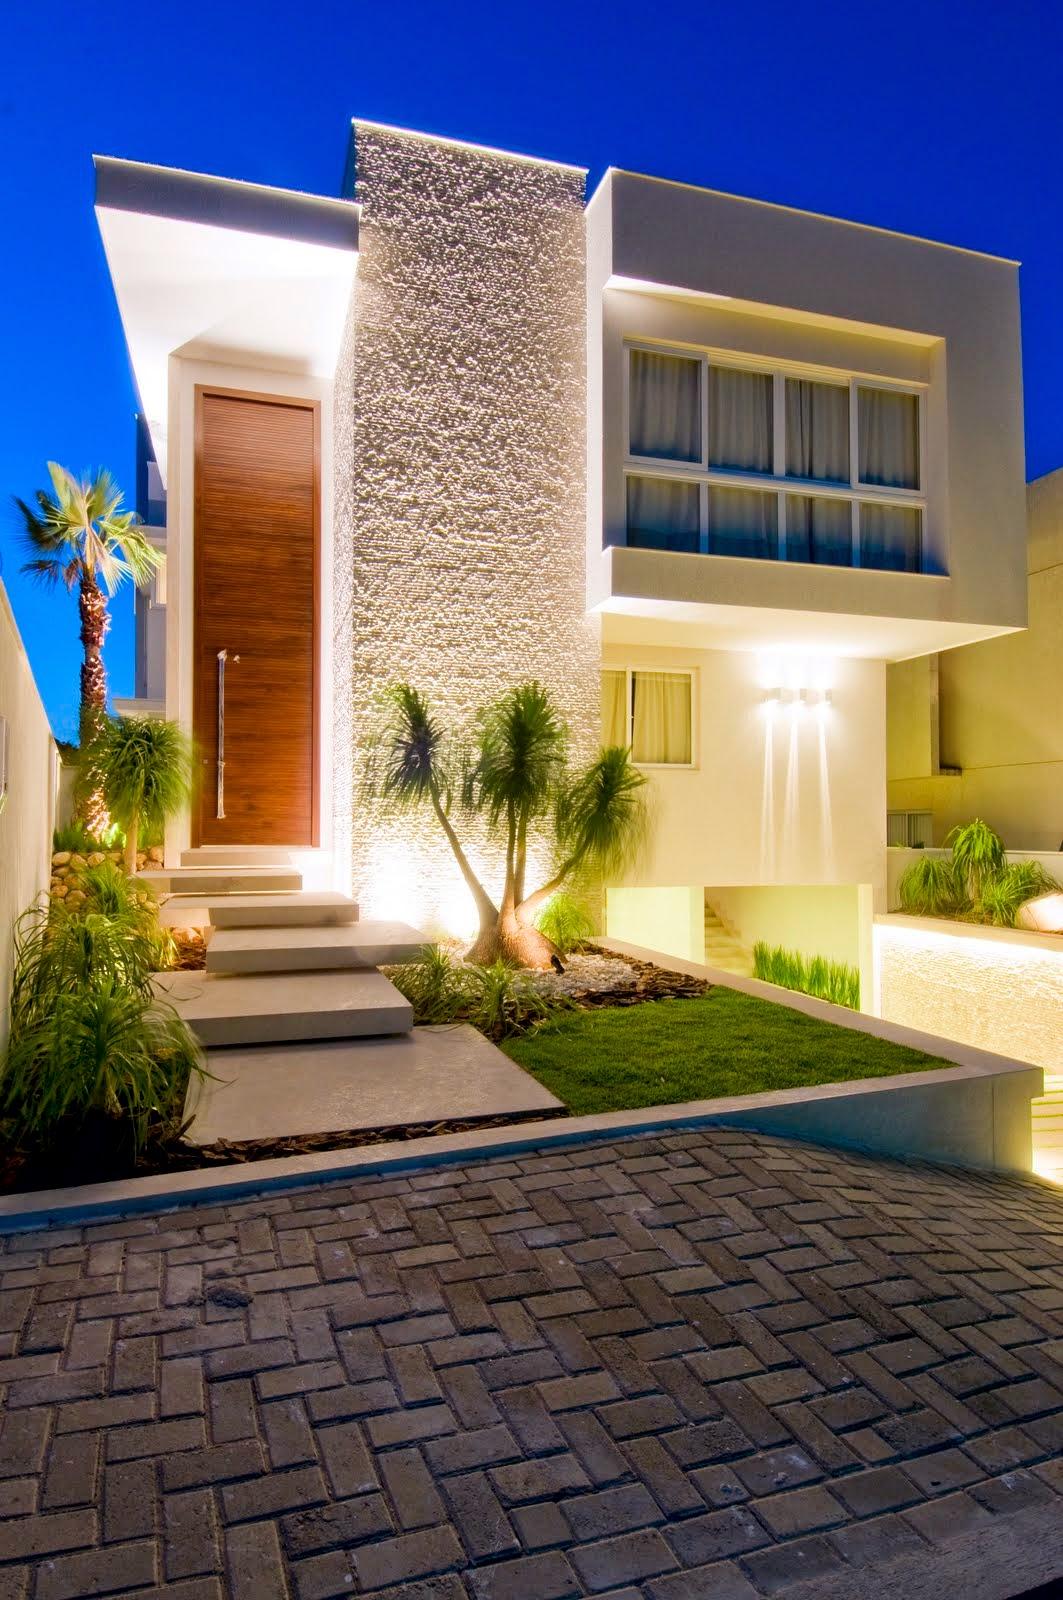 20 fachadas de casas modernas com linhas retas veja - Distribuciones de casas modernas ...